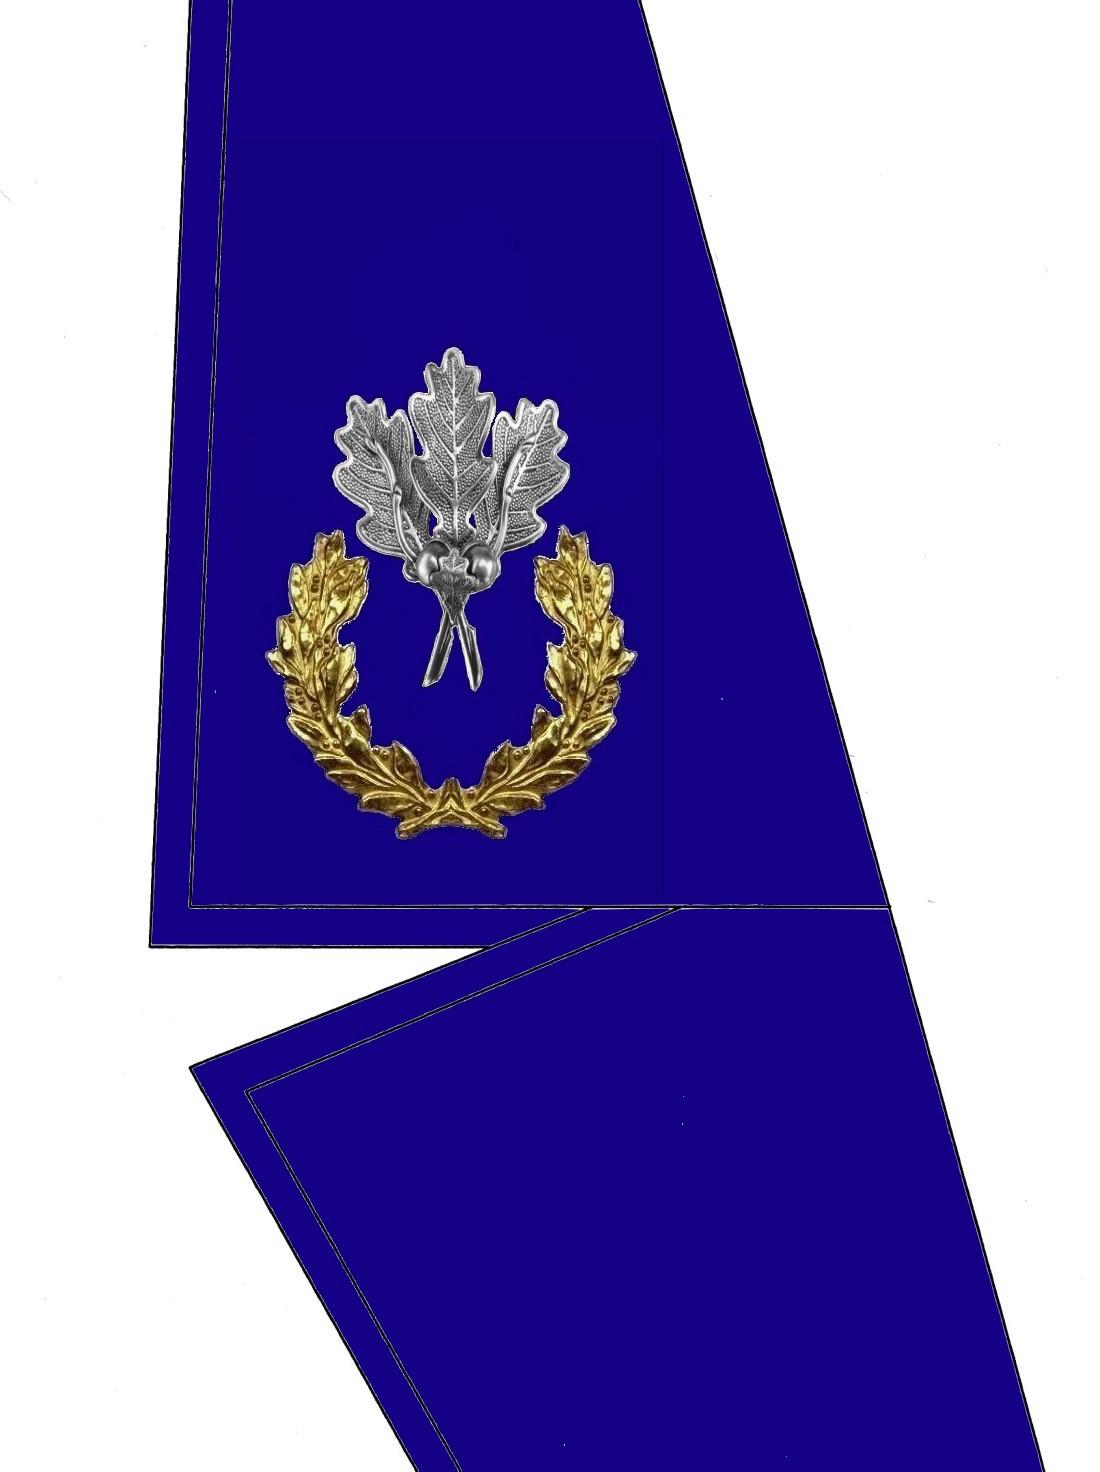 0104-kragen-rangabzeichen-gesandter-hg-blau